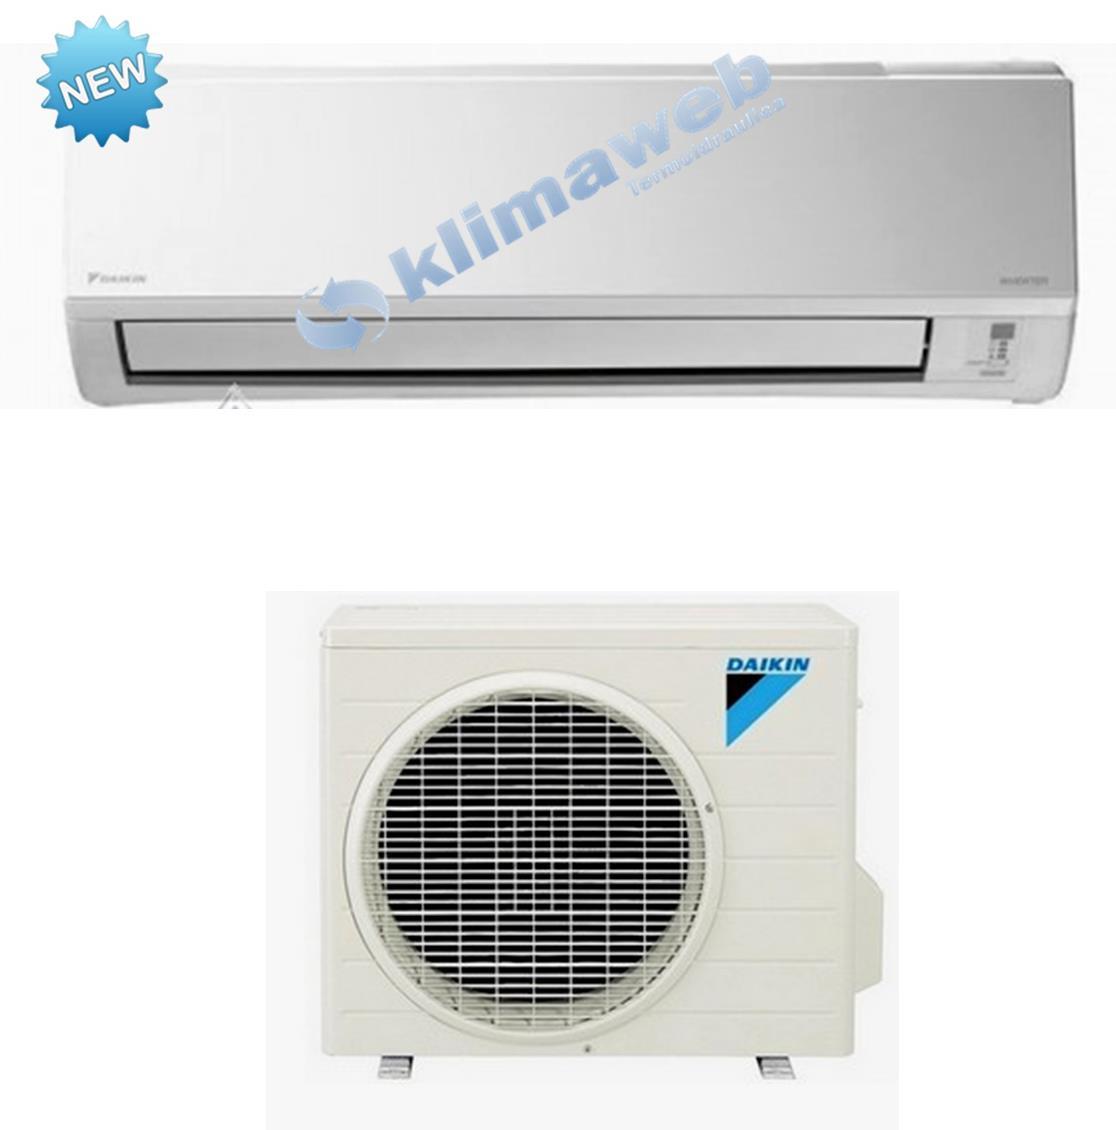 Climatizzatore condizionatore ftxn50mb 18000 btu inverter - Swing condizionatore ...